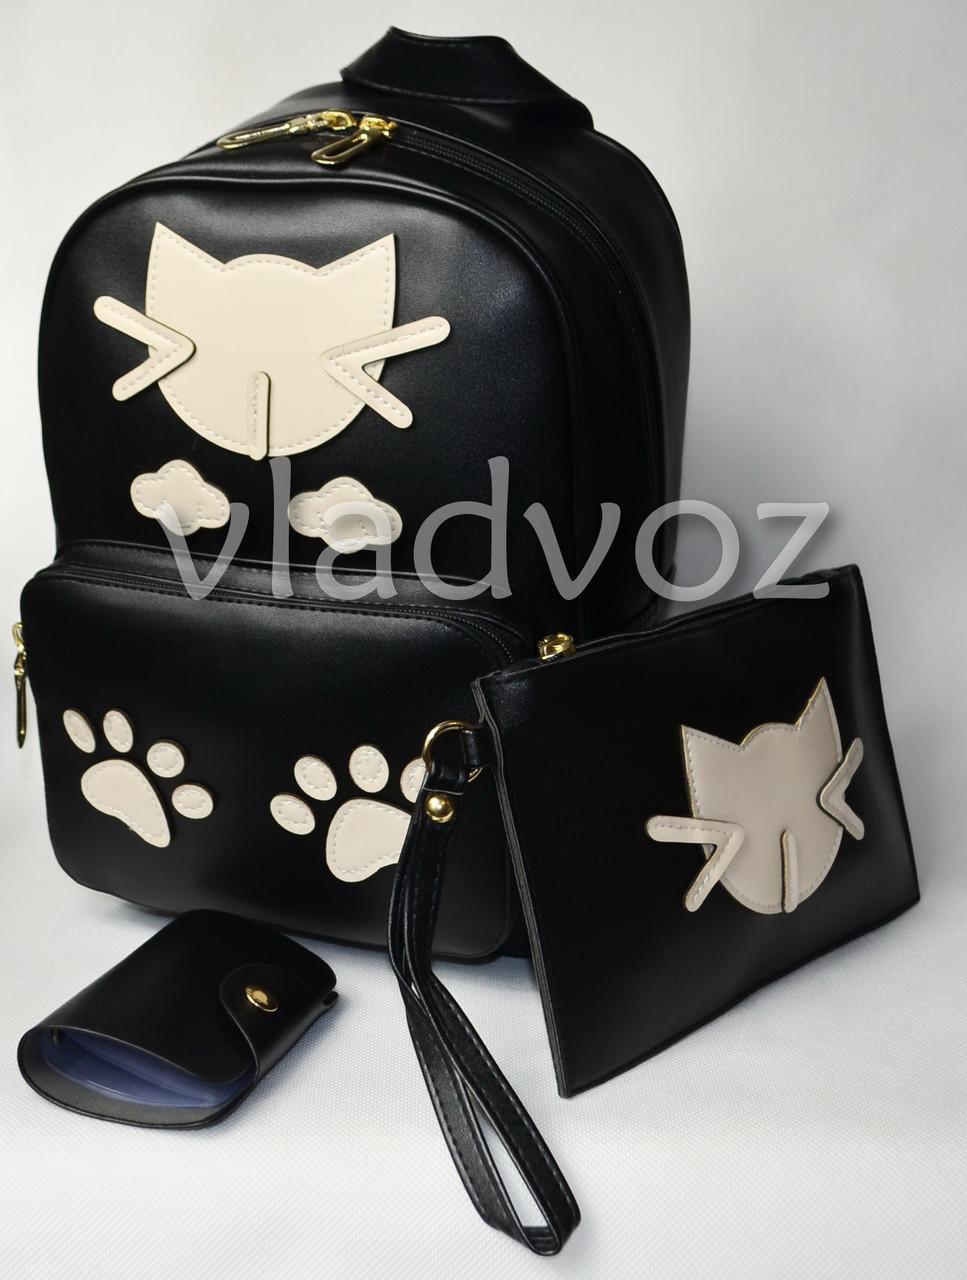 Фото молодежного подросток девочка модный стильный рюкзак